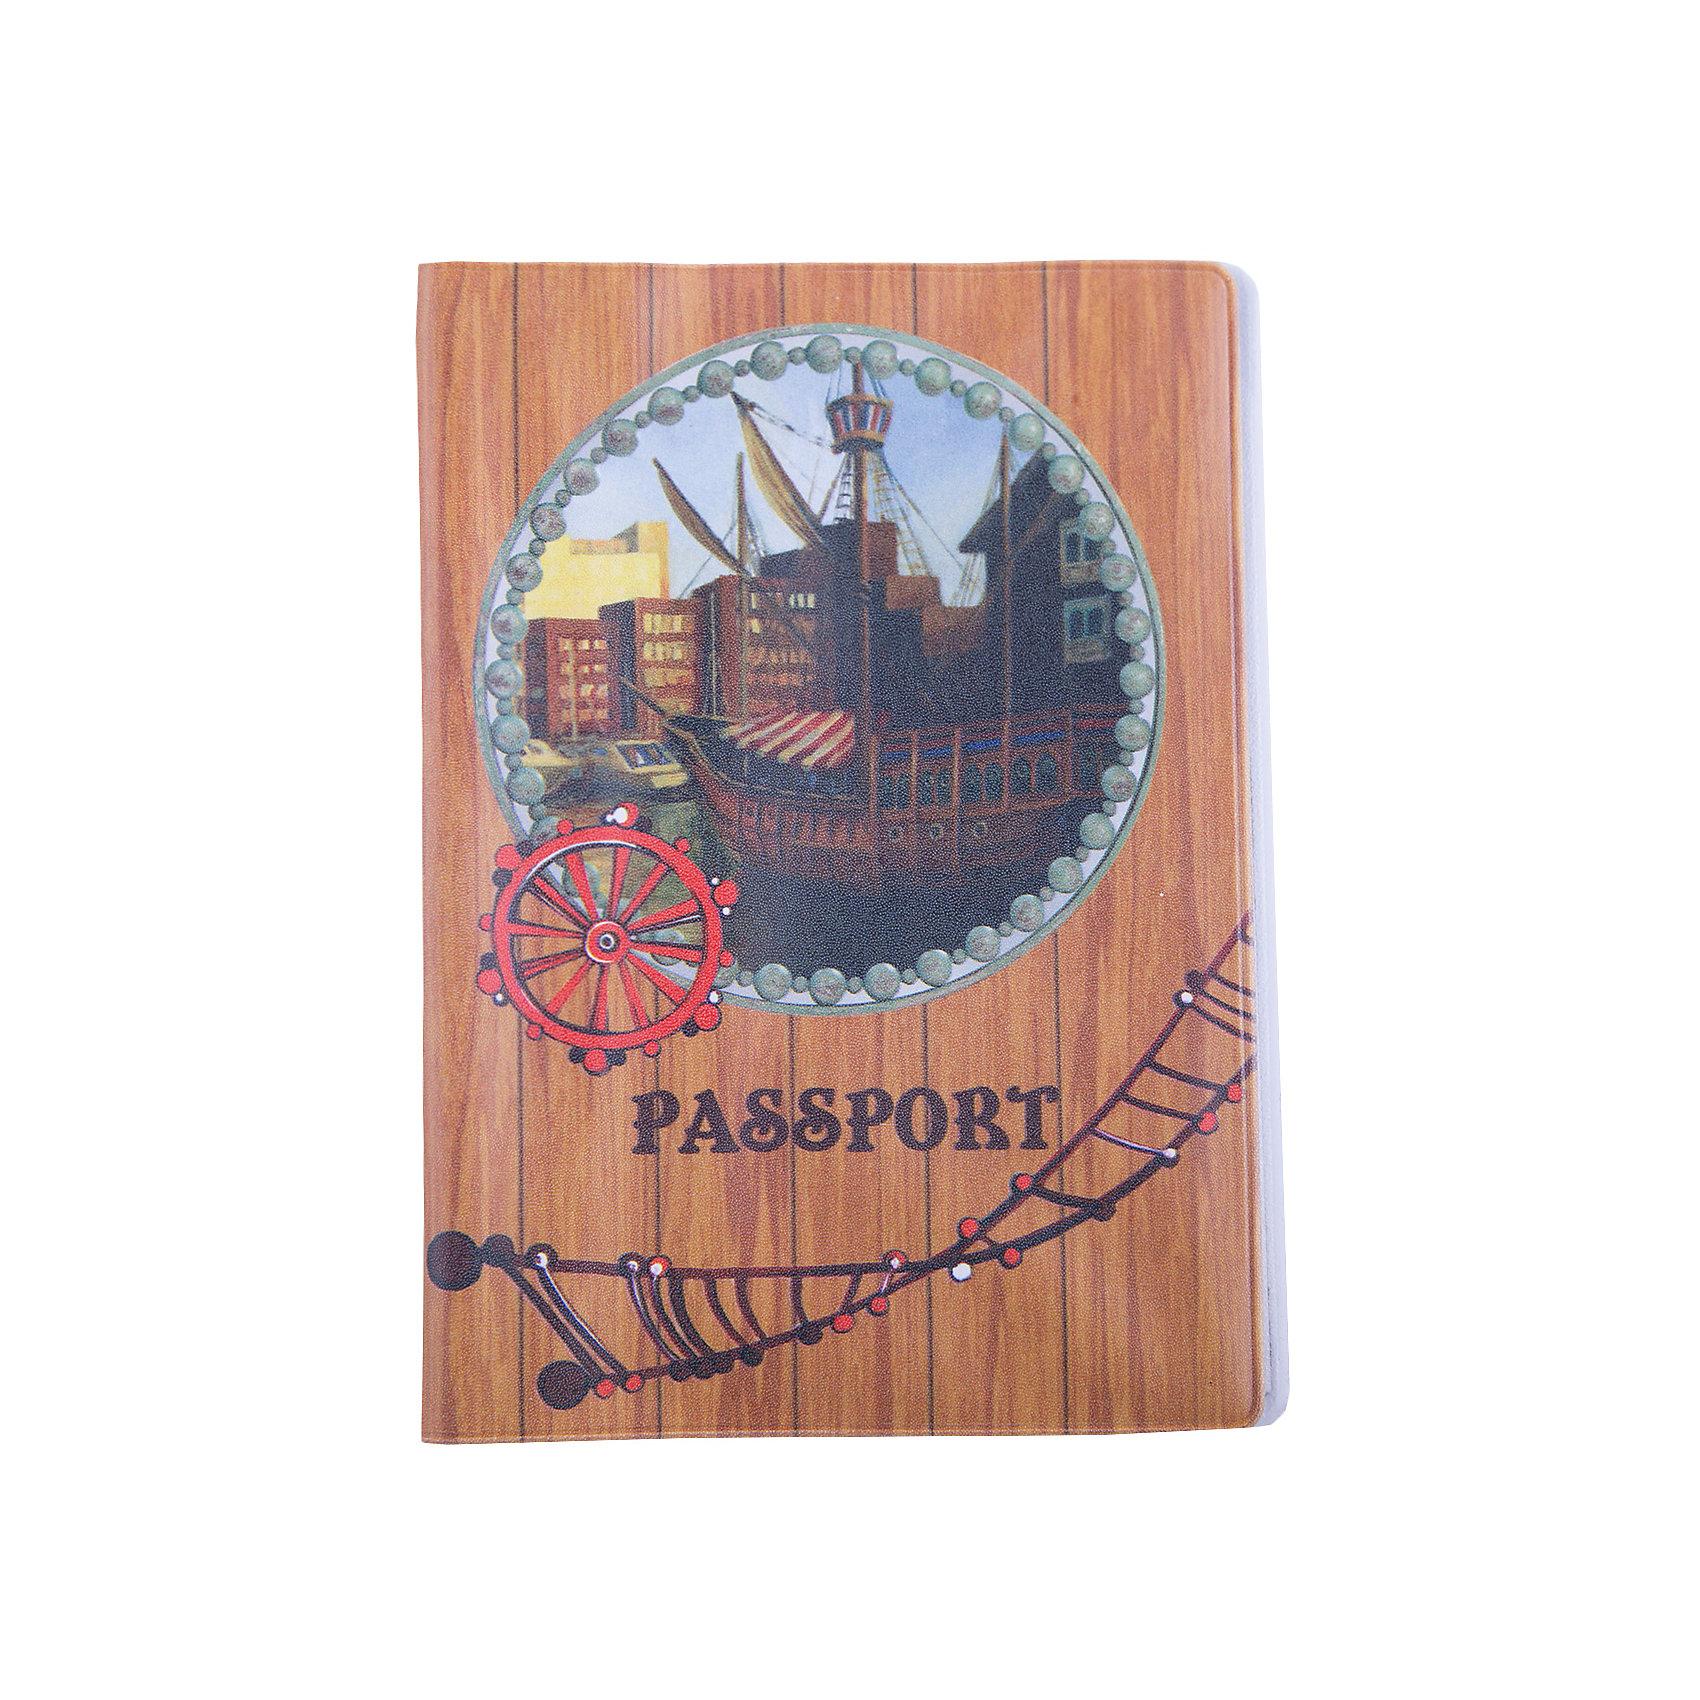 Обложка для паспорта На палубе, Феникс-ПрезентВ дорогу<br>Обложка для паспорта На палубе, Феникс-Презент <br><br>Характеристики:<br><br>• оригинальный дизайн<br>• высокая прочность<br>• размер: 13,3х19,1 см<br>• материал: ПВХ<br><br>Для защиты документов от намокания, истирания и других повреждений необходимо выбрать прочную обложку. Обложка На палубе изготовлена из качественного поливинилхлорида, устойчивого к износу. На обложке изображен старинный корабль. Качественная обложка с оригинальным дизайном подчеркнет индивидуальность и поднимет настроение.<br><br>Обложку для паспорта На палубе, Феникс-Презент вы можете купить в нашем интернет-магазине.<br><br>Ширина мм: 133<br>Глубина мм: 191<br>Высота мм: 50<br>Вес г: 35<br>Возраст от месяцев: 168<br>Возраст до месяцев: 2147483647<br>Пол: Унисекс<br>Возраст: Детский<br>SKU: 5449600